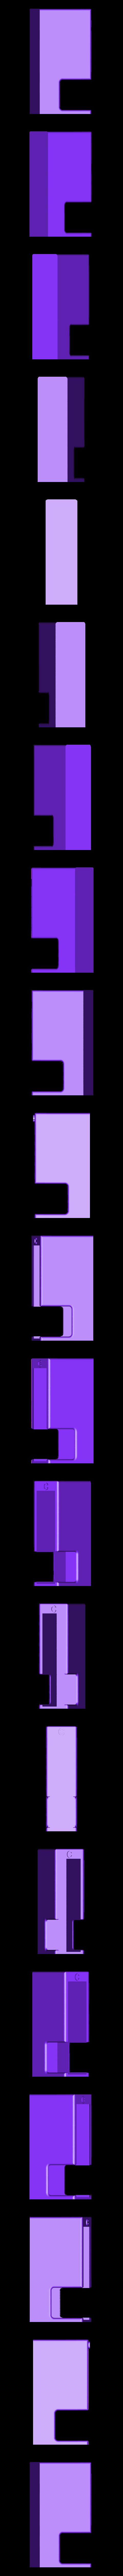 C_holder.stl Download free STL file Battery Holder • Design to 3D print, milasls